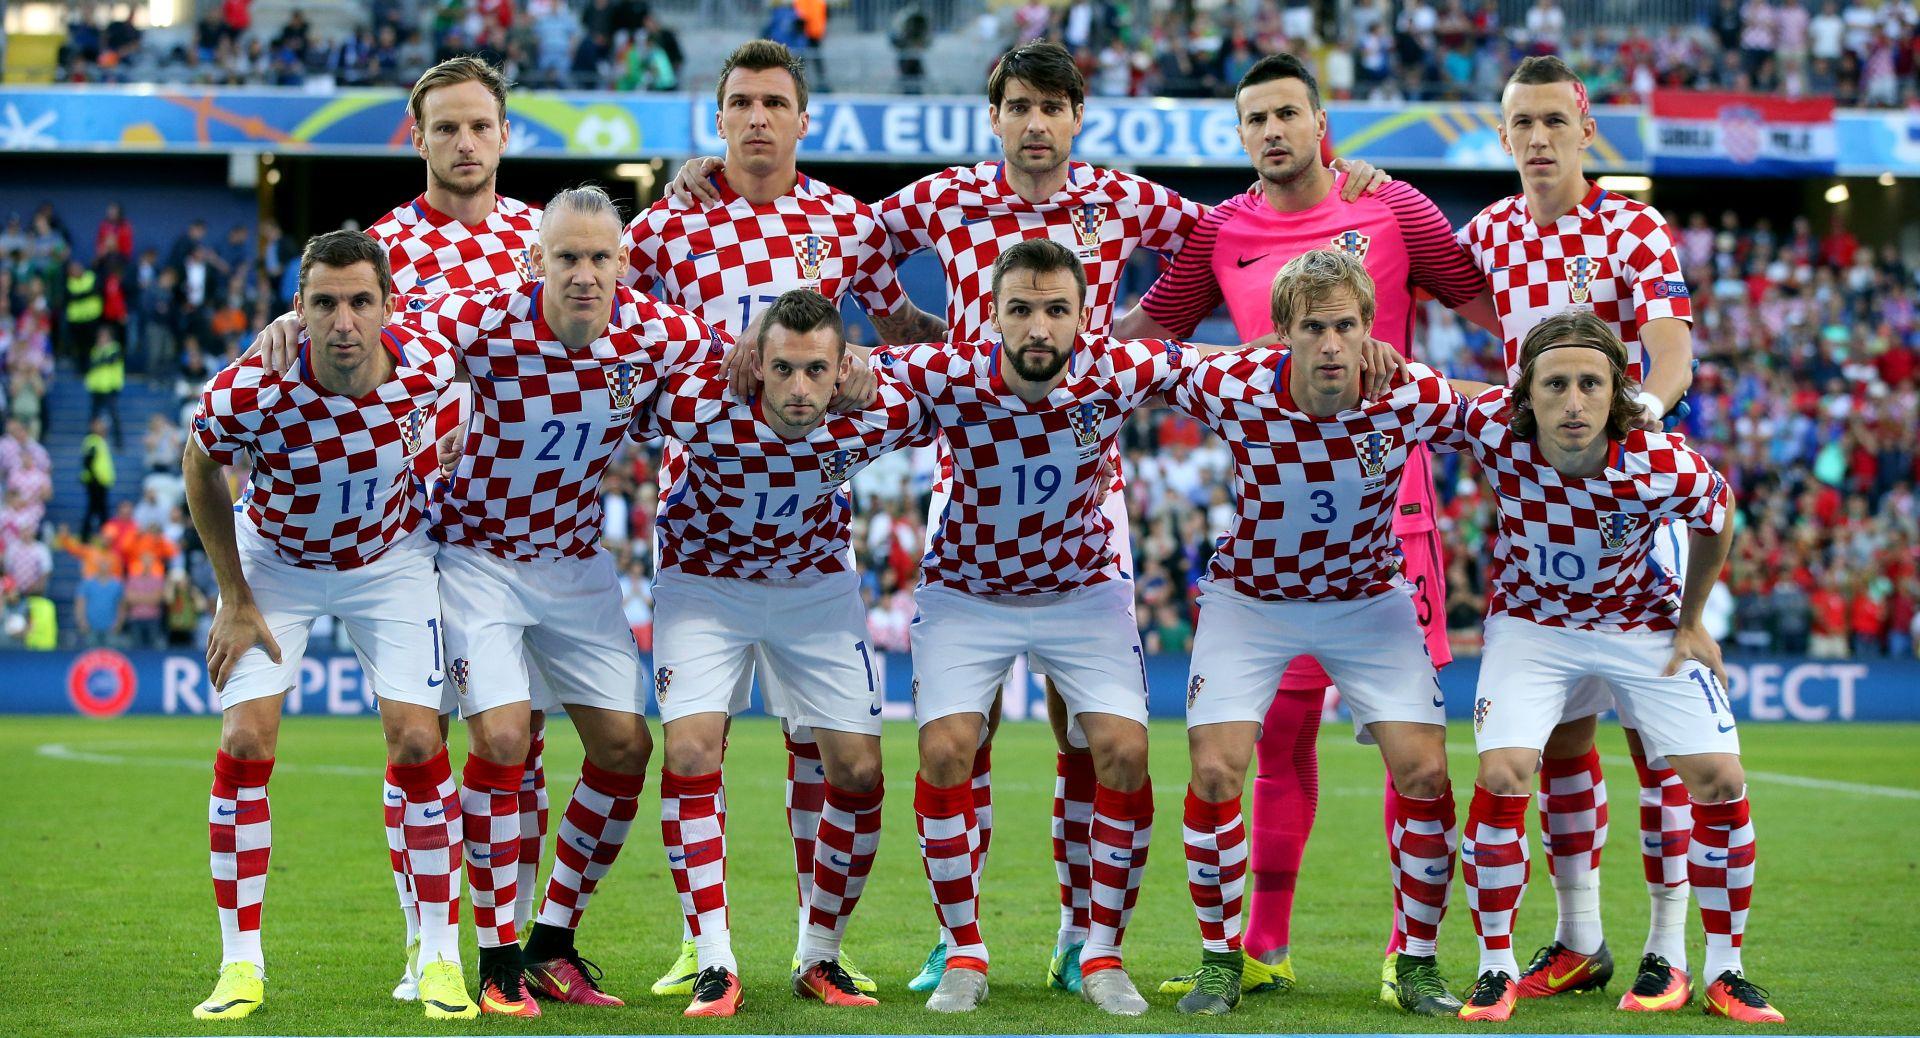 FIFINA LJESTVICA Hrvatska napredovala za 12 mjesta, Wales 'preskočio' Englesku